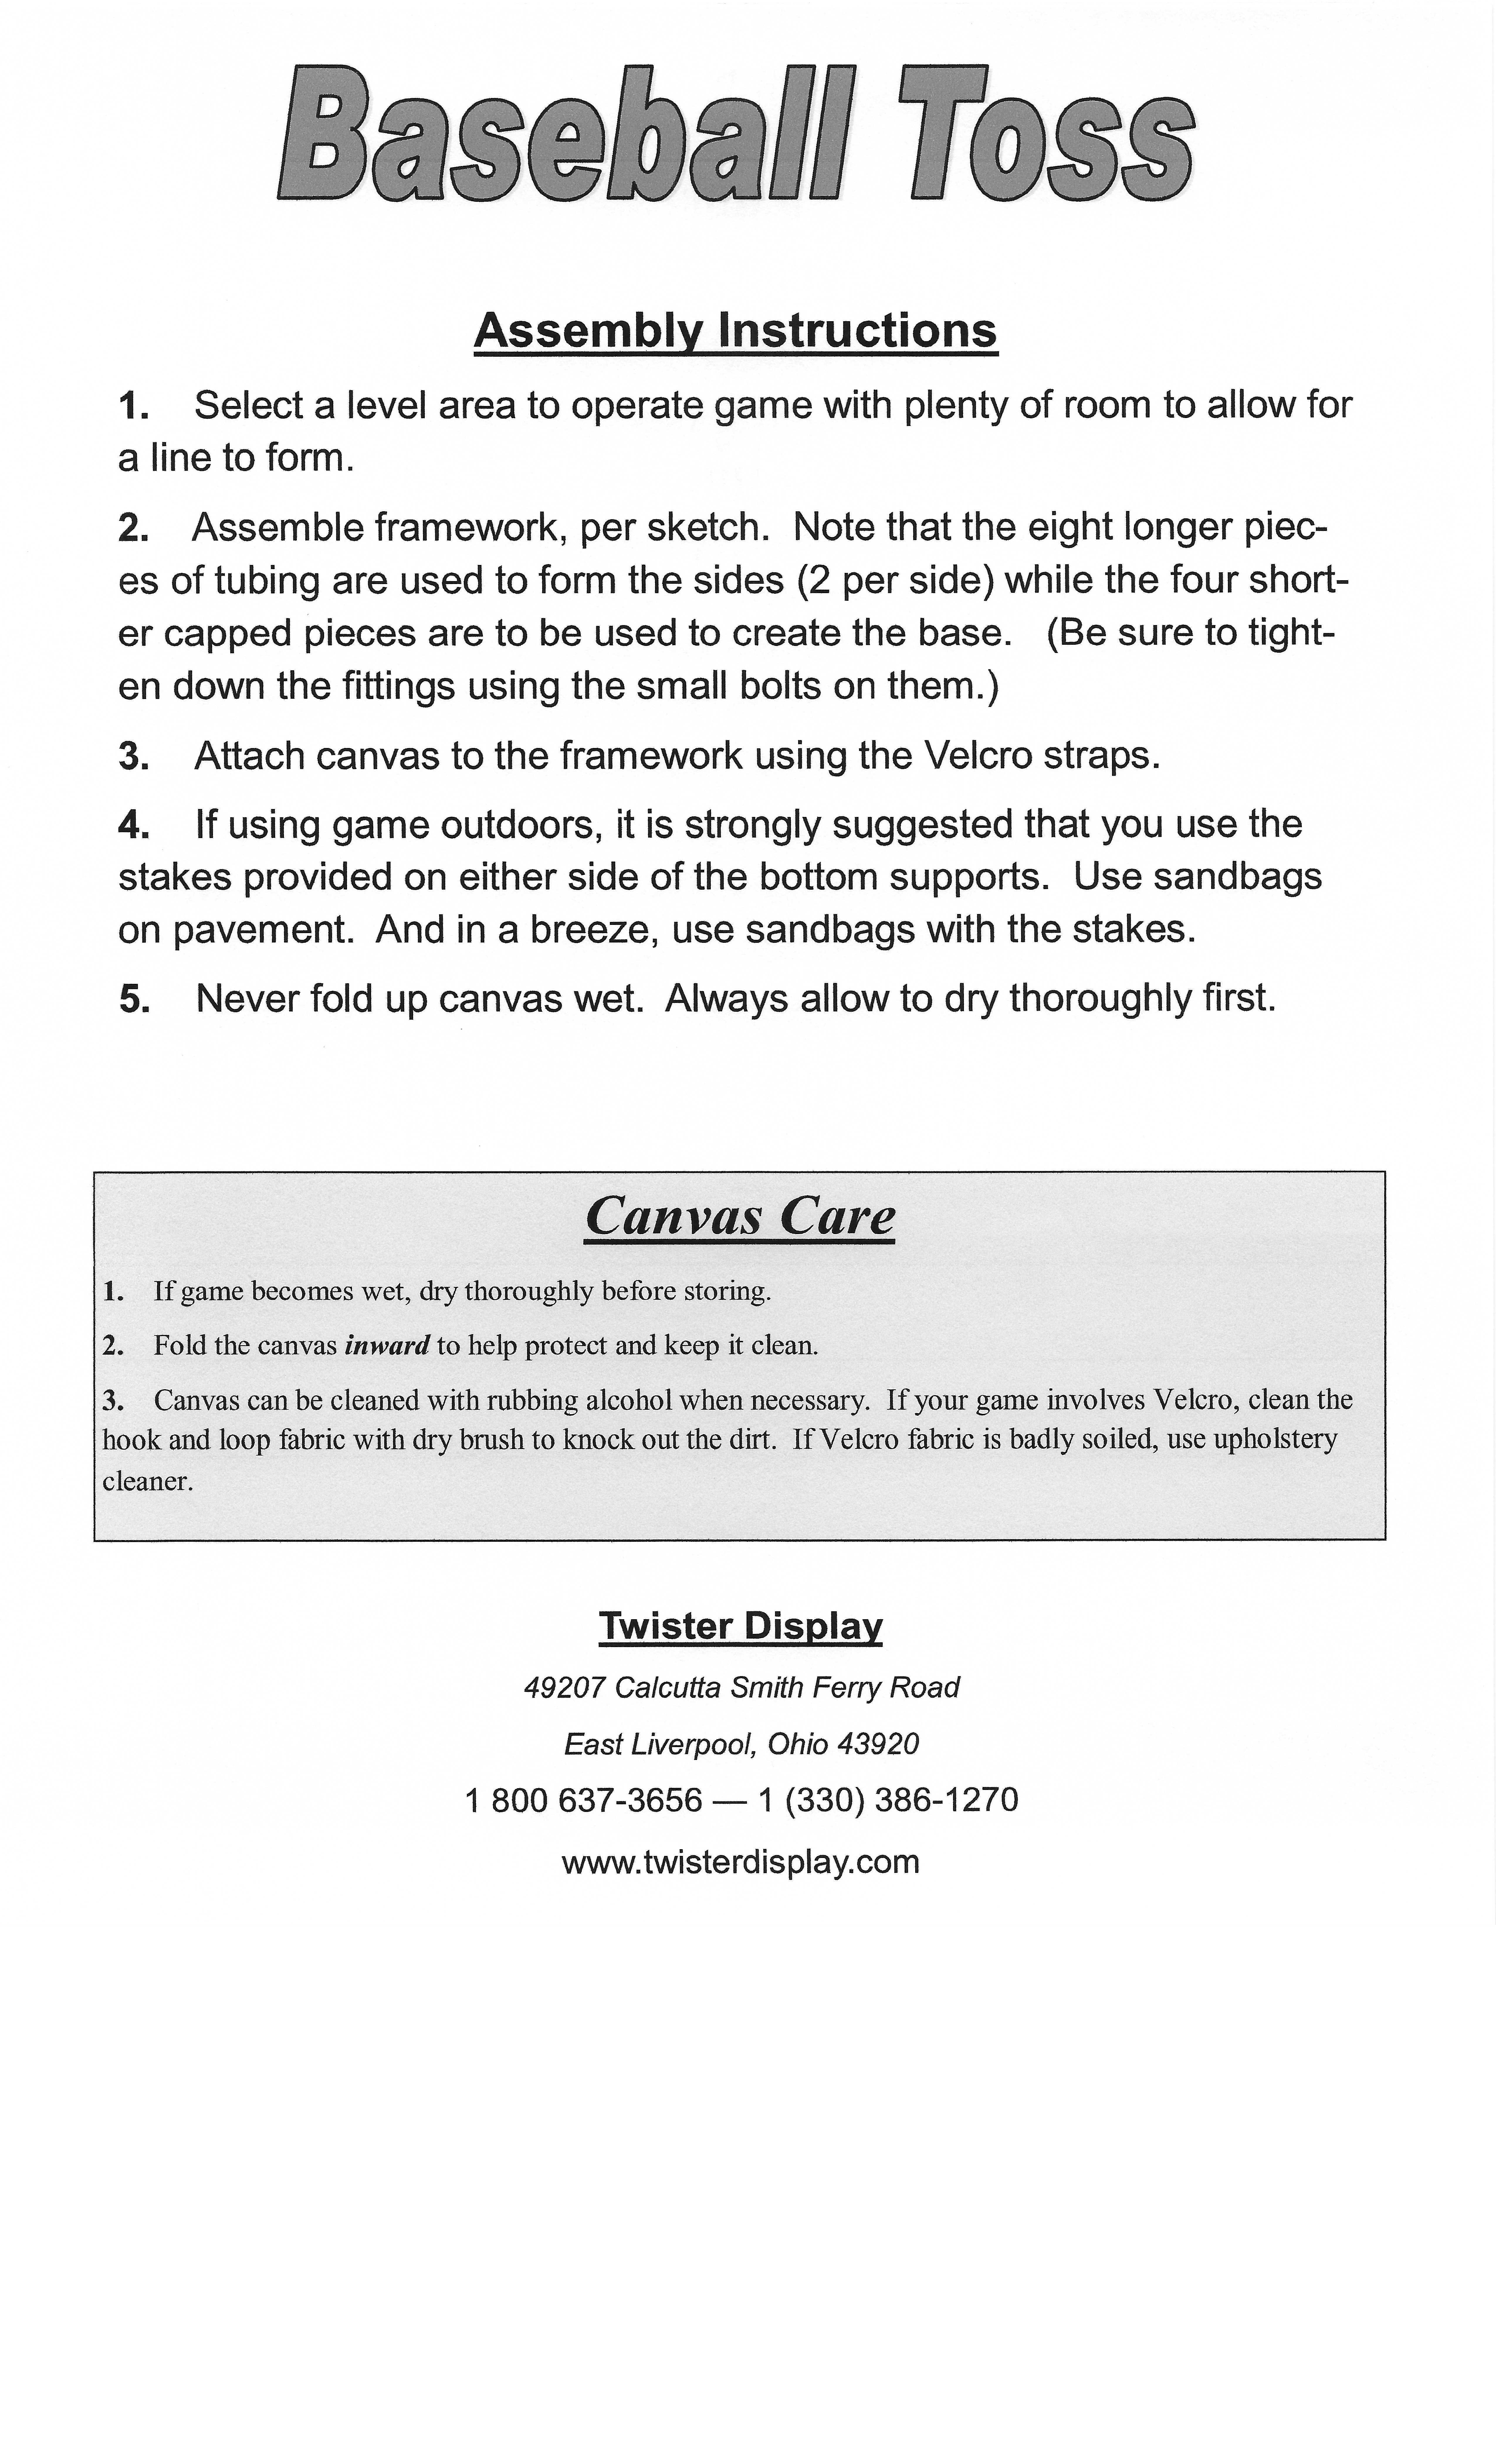 baseball-toss-frame-game-instructions0002.jpg